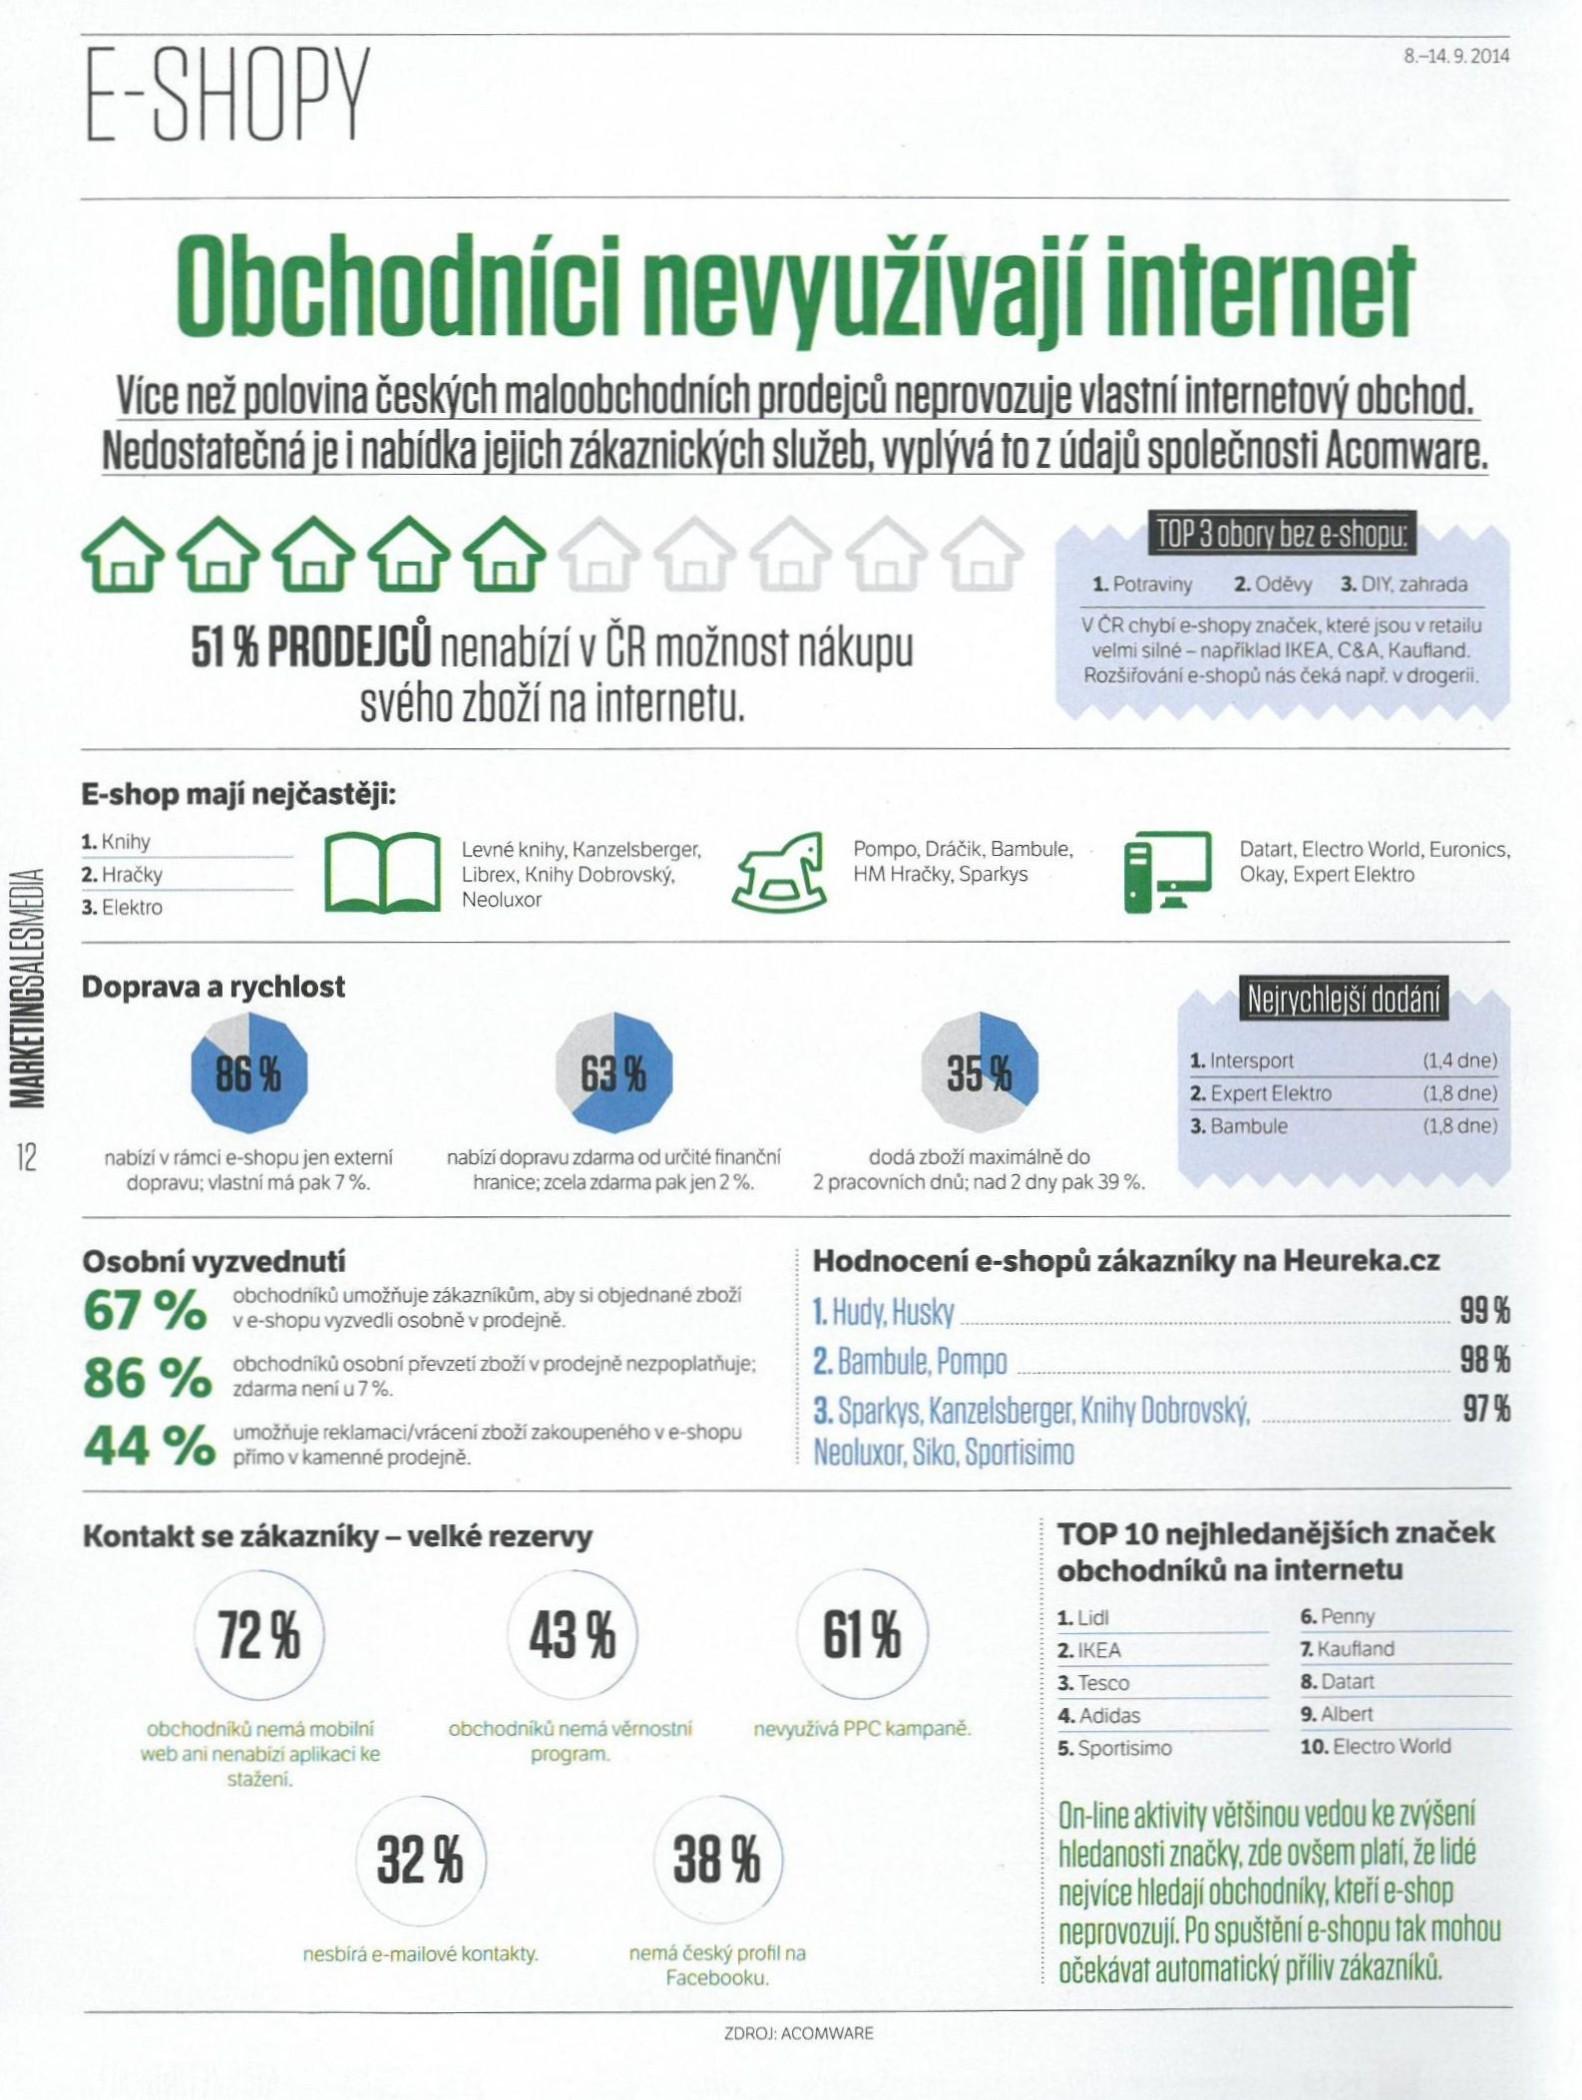 Obchodníci nevyužívají internet - Marketing Sales Media